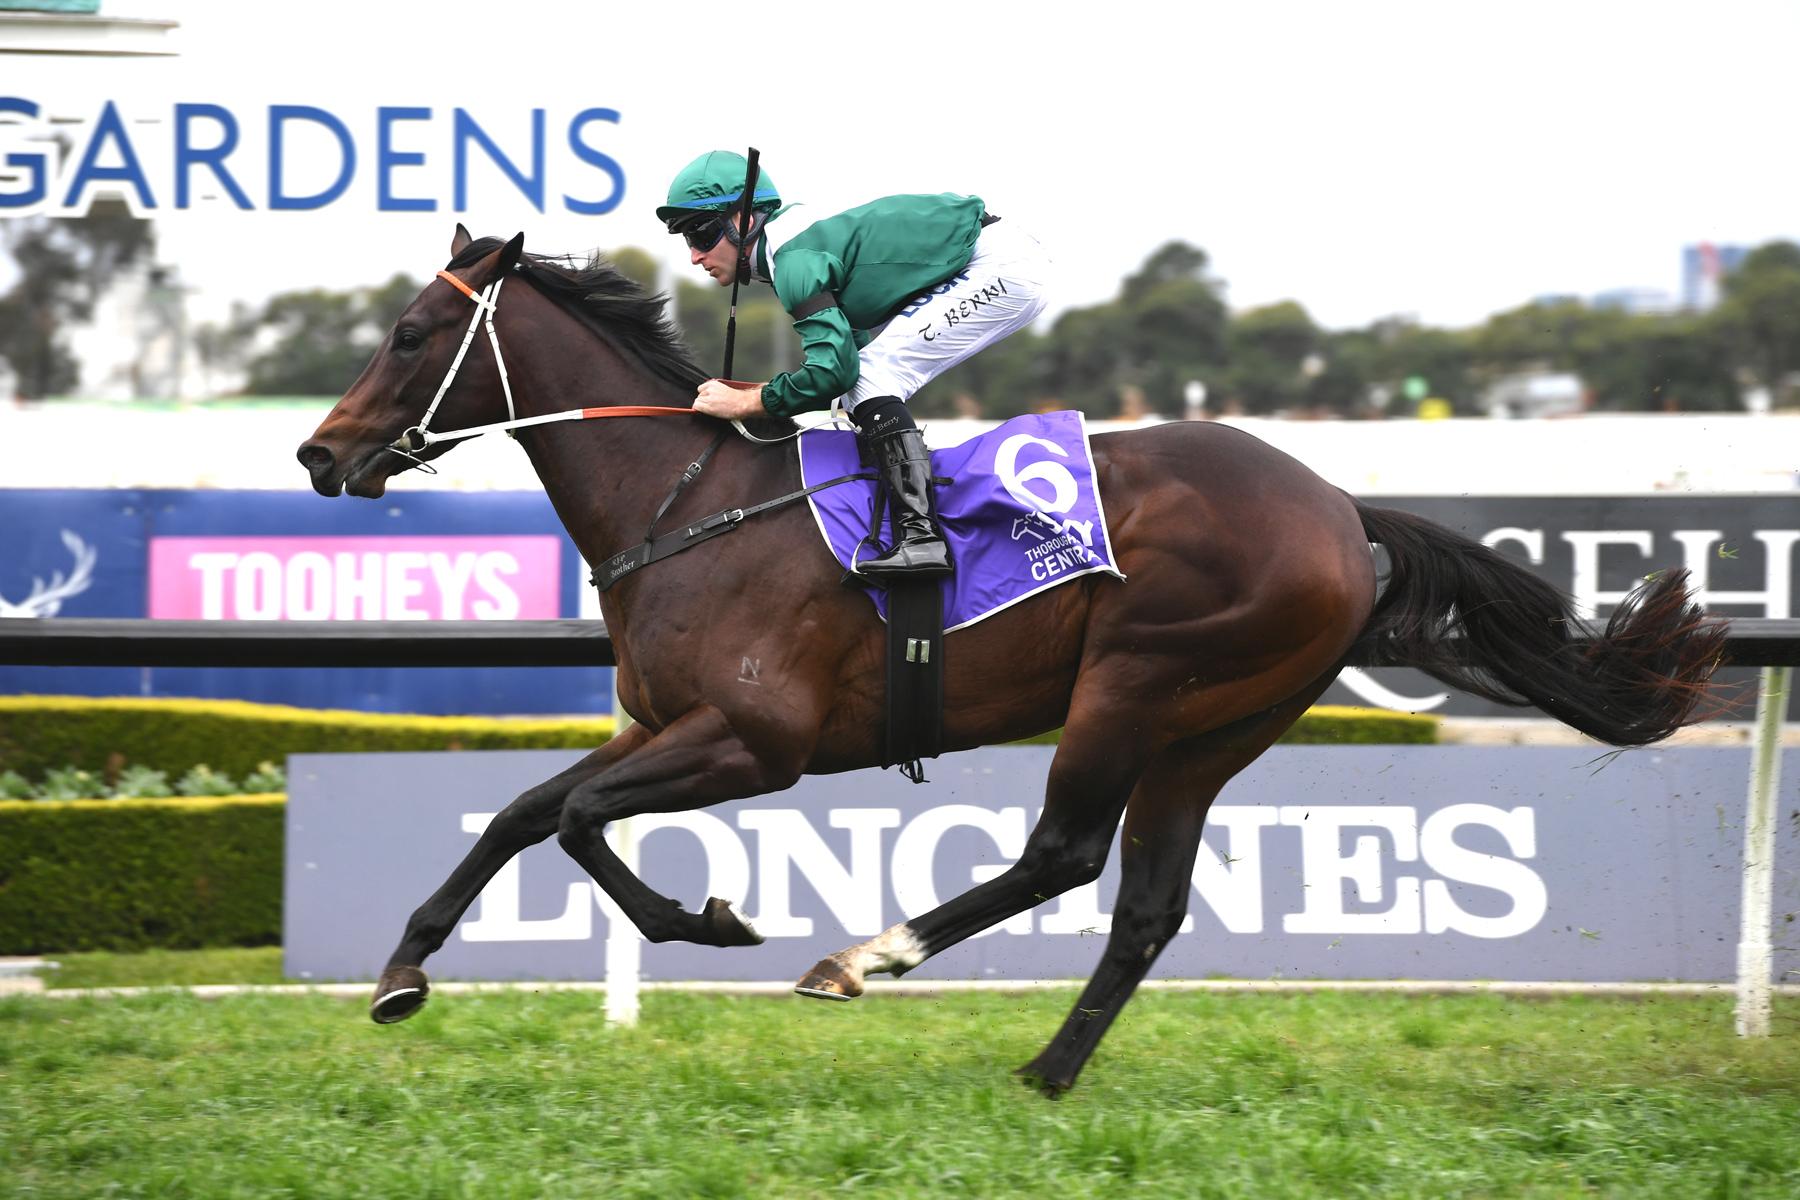 https://www.stallions.com.au/wp-content/uploads/2020/04/Exceedance-9904.jpg